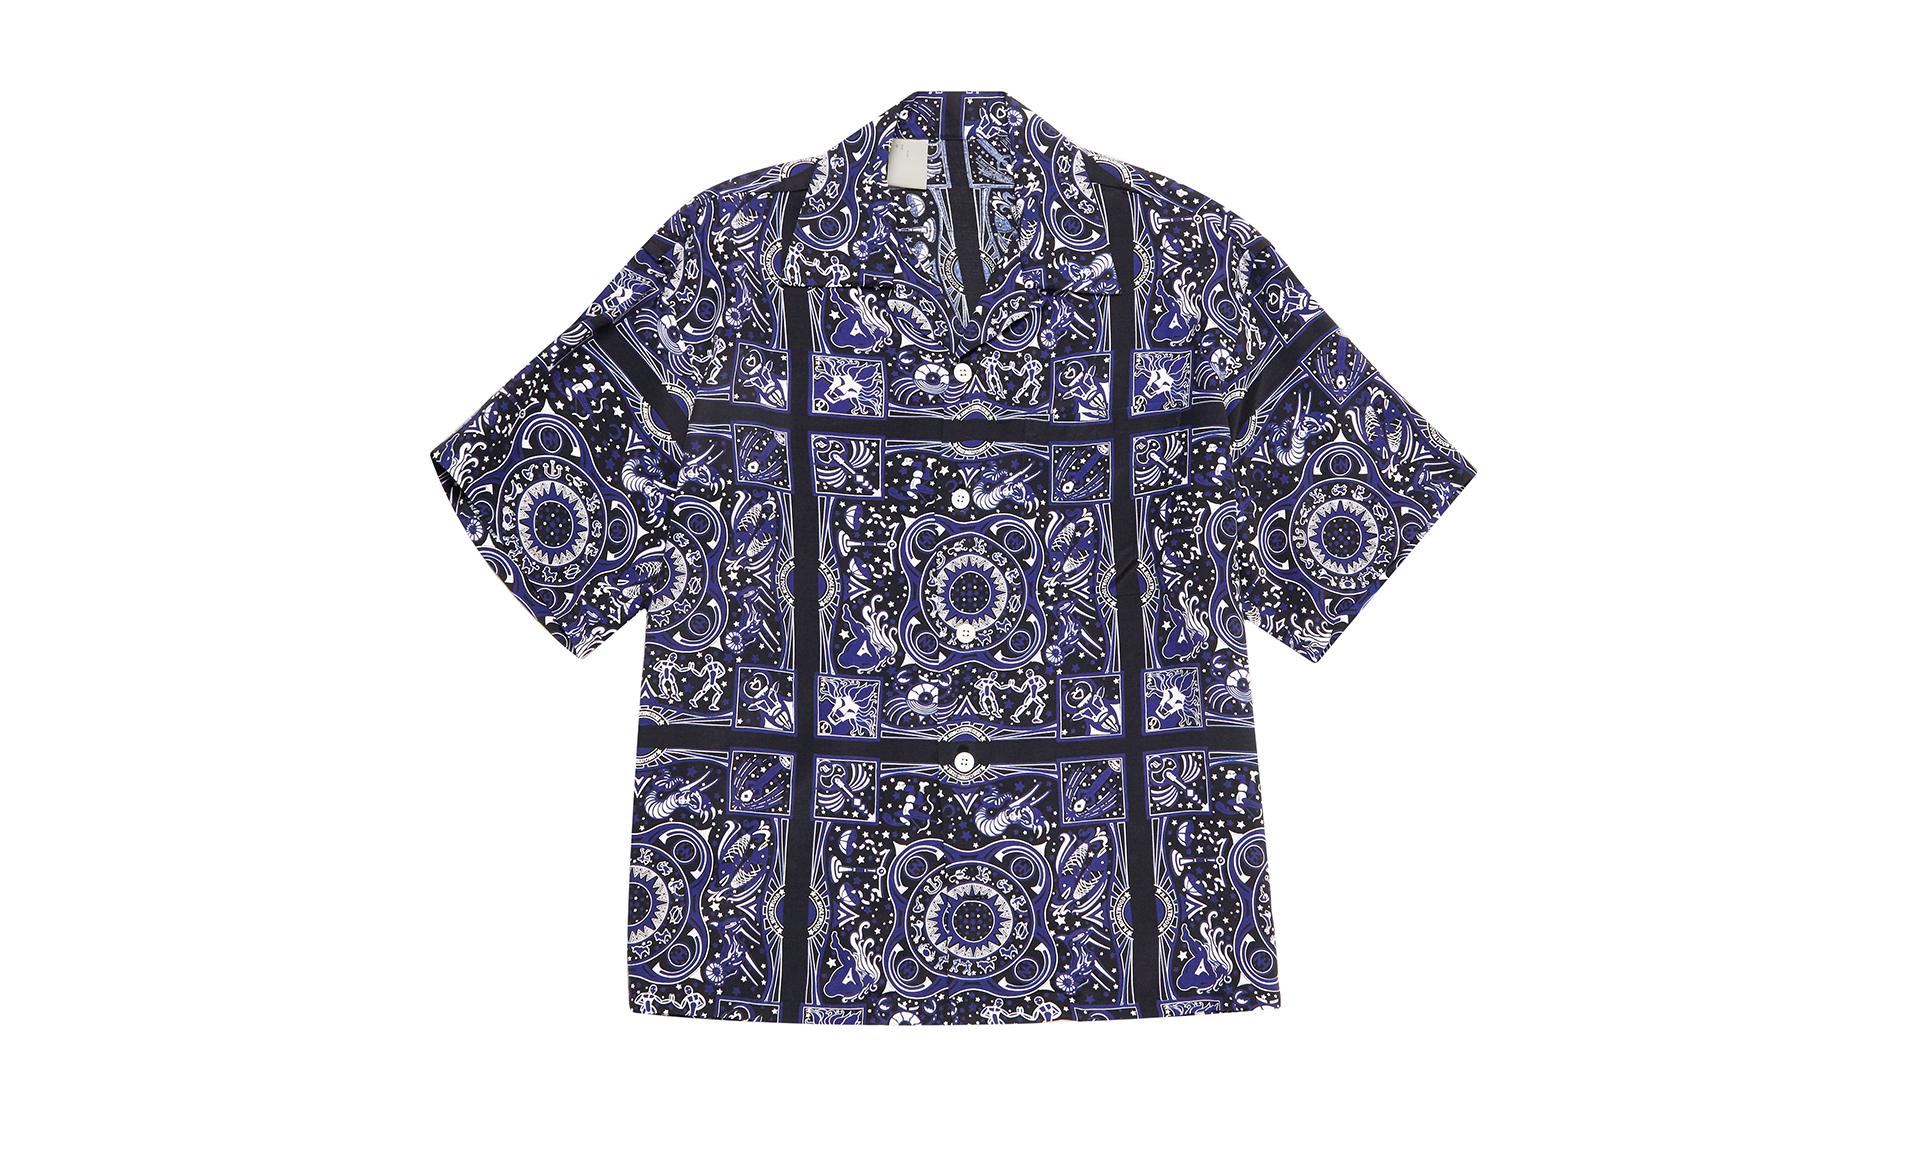 N.HOOLYWOOD 2020 春夏夏威夷衬衫系列即将发售